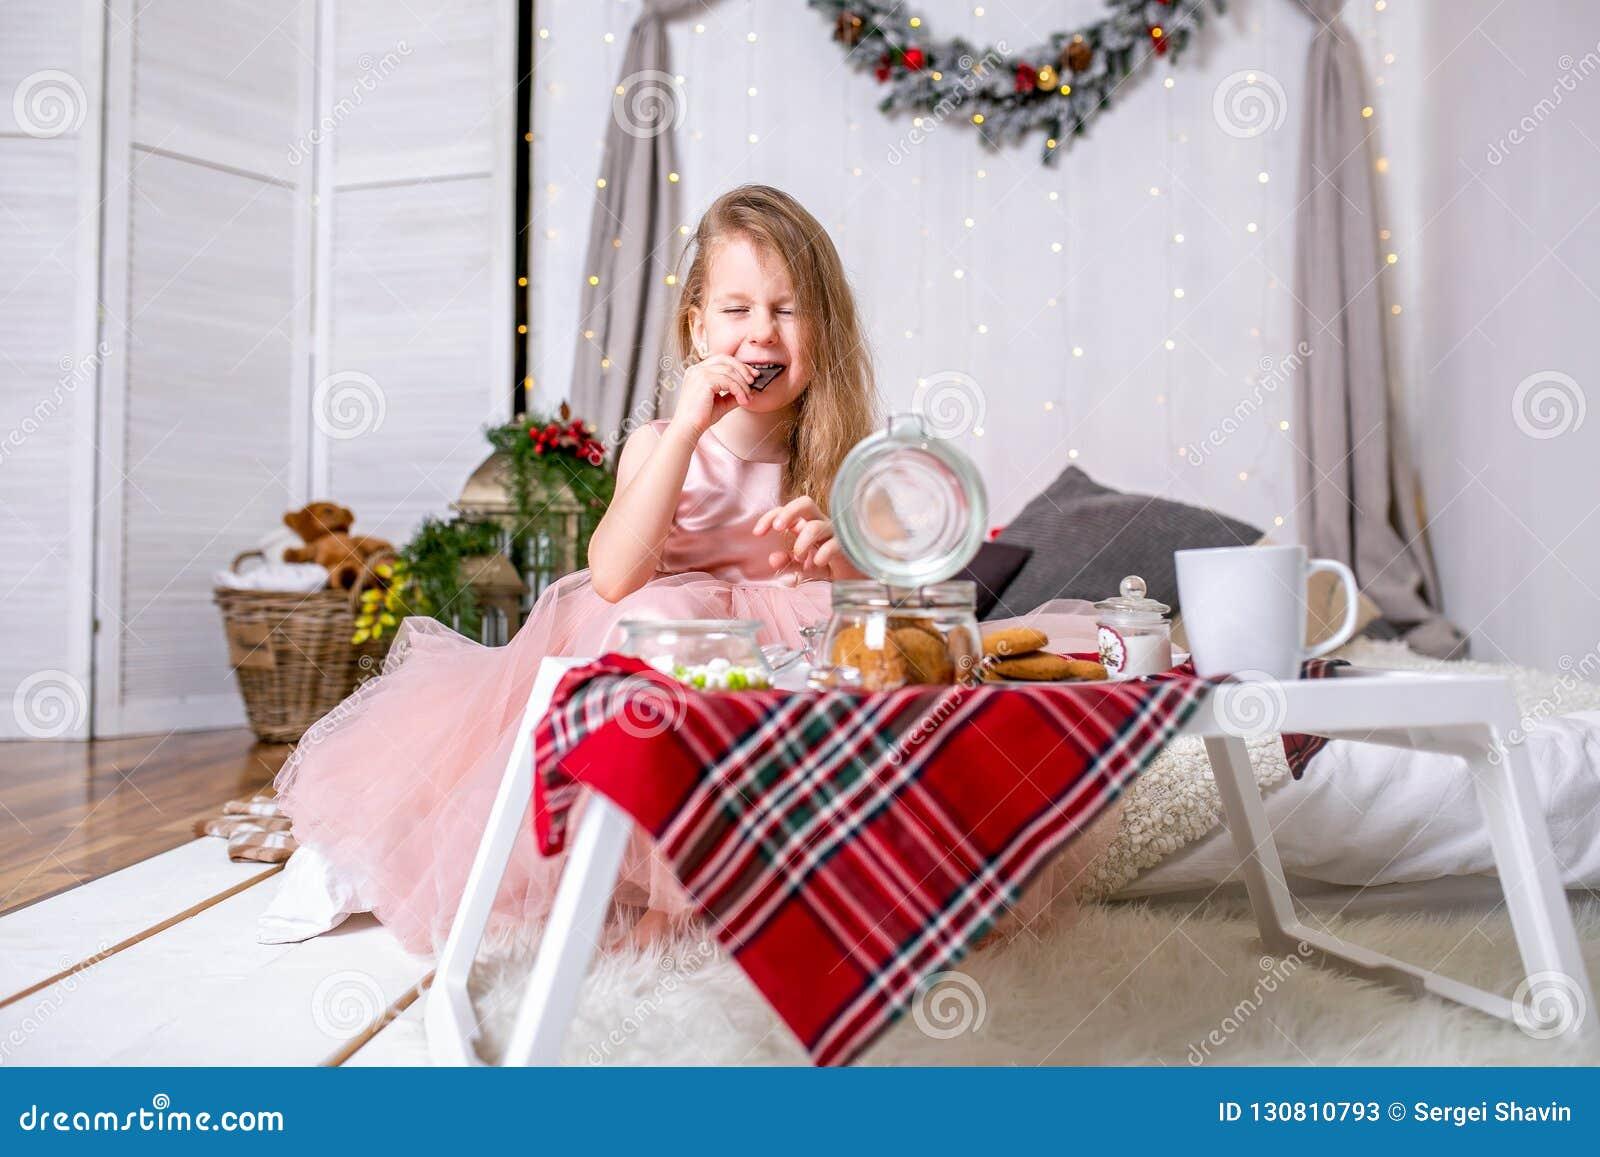 Hübsches kleines Mädchen 4 Jahre alt in einem rosa Kleid Kind im Weihnachtsraum mit einem Bett, Süßigkeit, Schokolade, Plätzchen